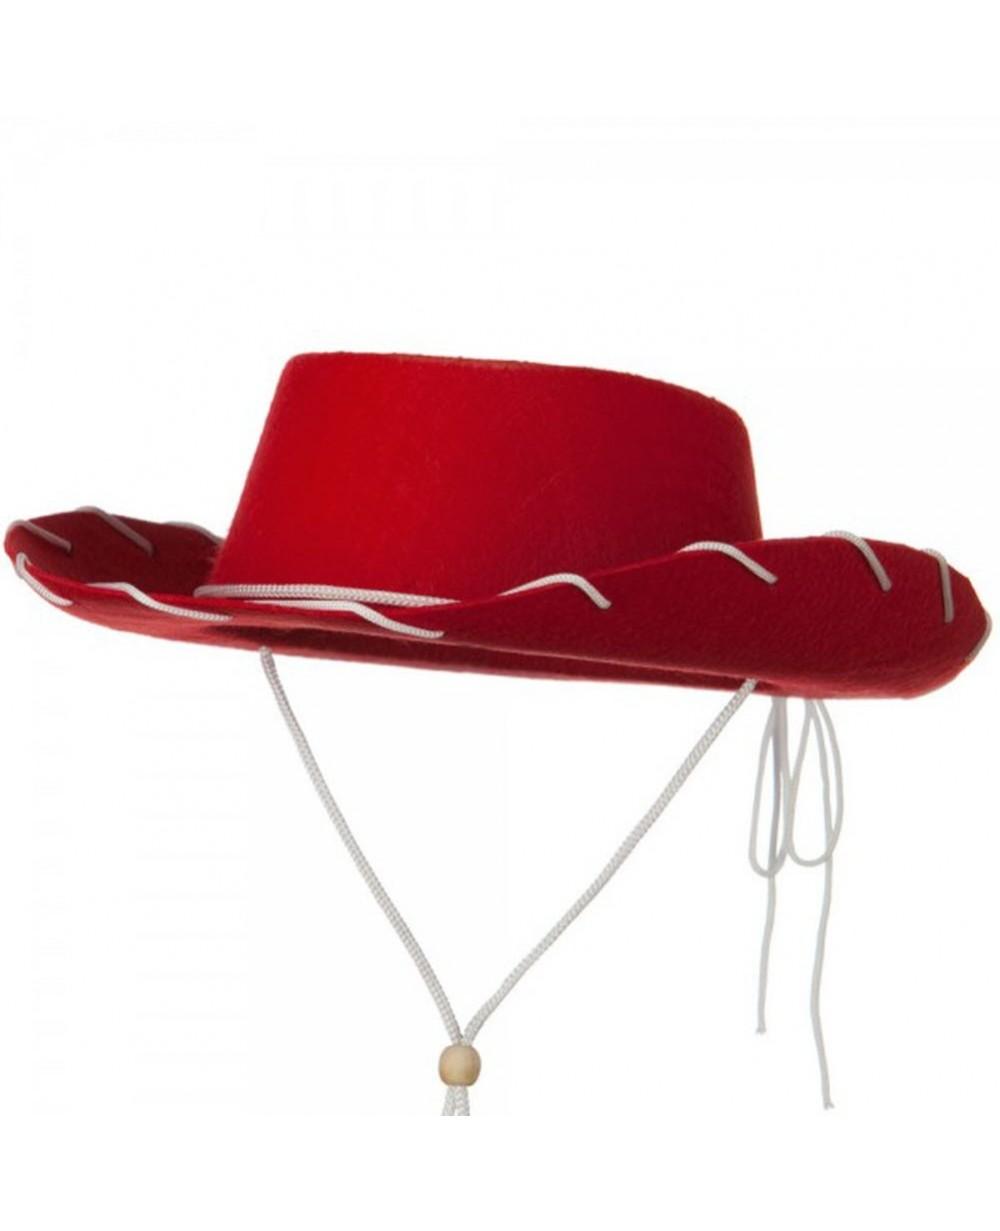 d71a147c3 Red Felt Cowboy Child Hat